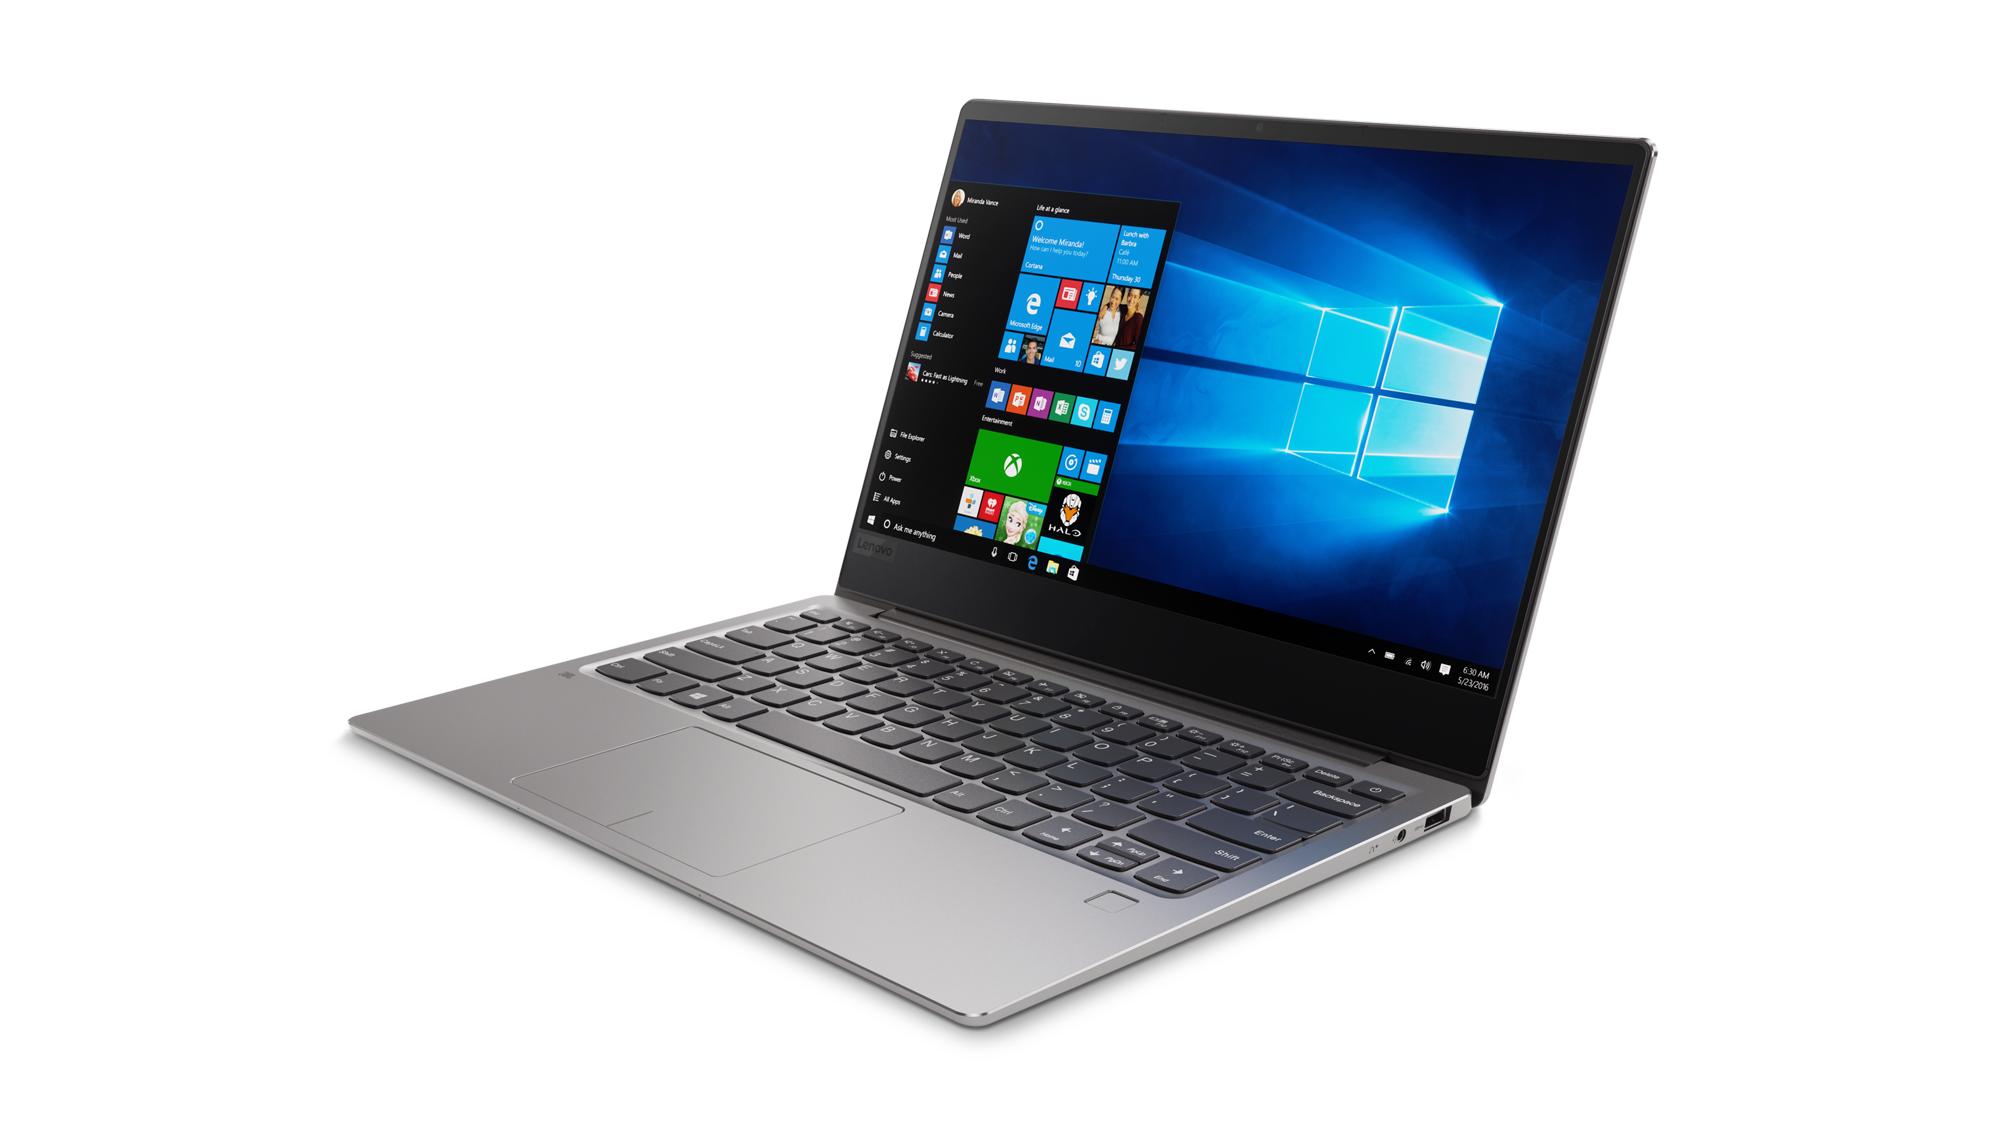 """Lenovo IdeaPad 720S-13IKBR i5-8250U 3,40GHz/8GB/SSD 256GB/13,3"""" FHD/IPS/FPR/WIN10 šedá 81BV000WCK"""